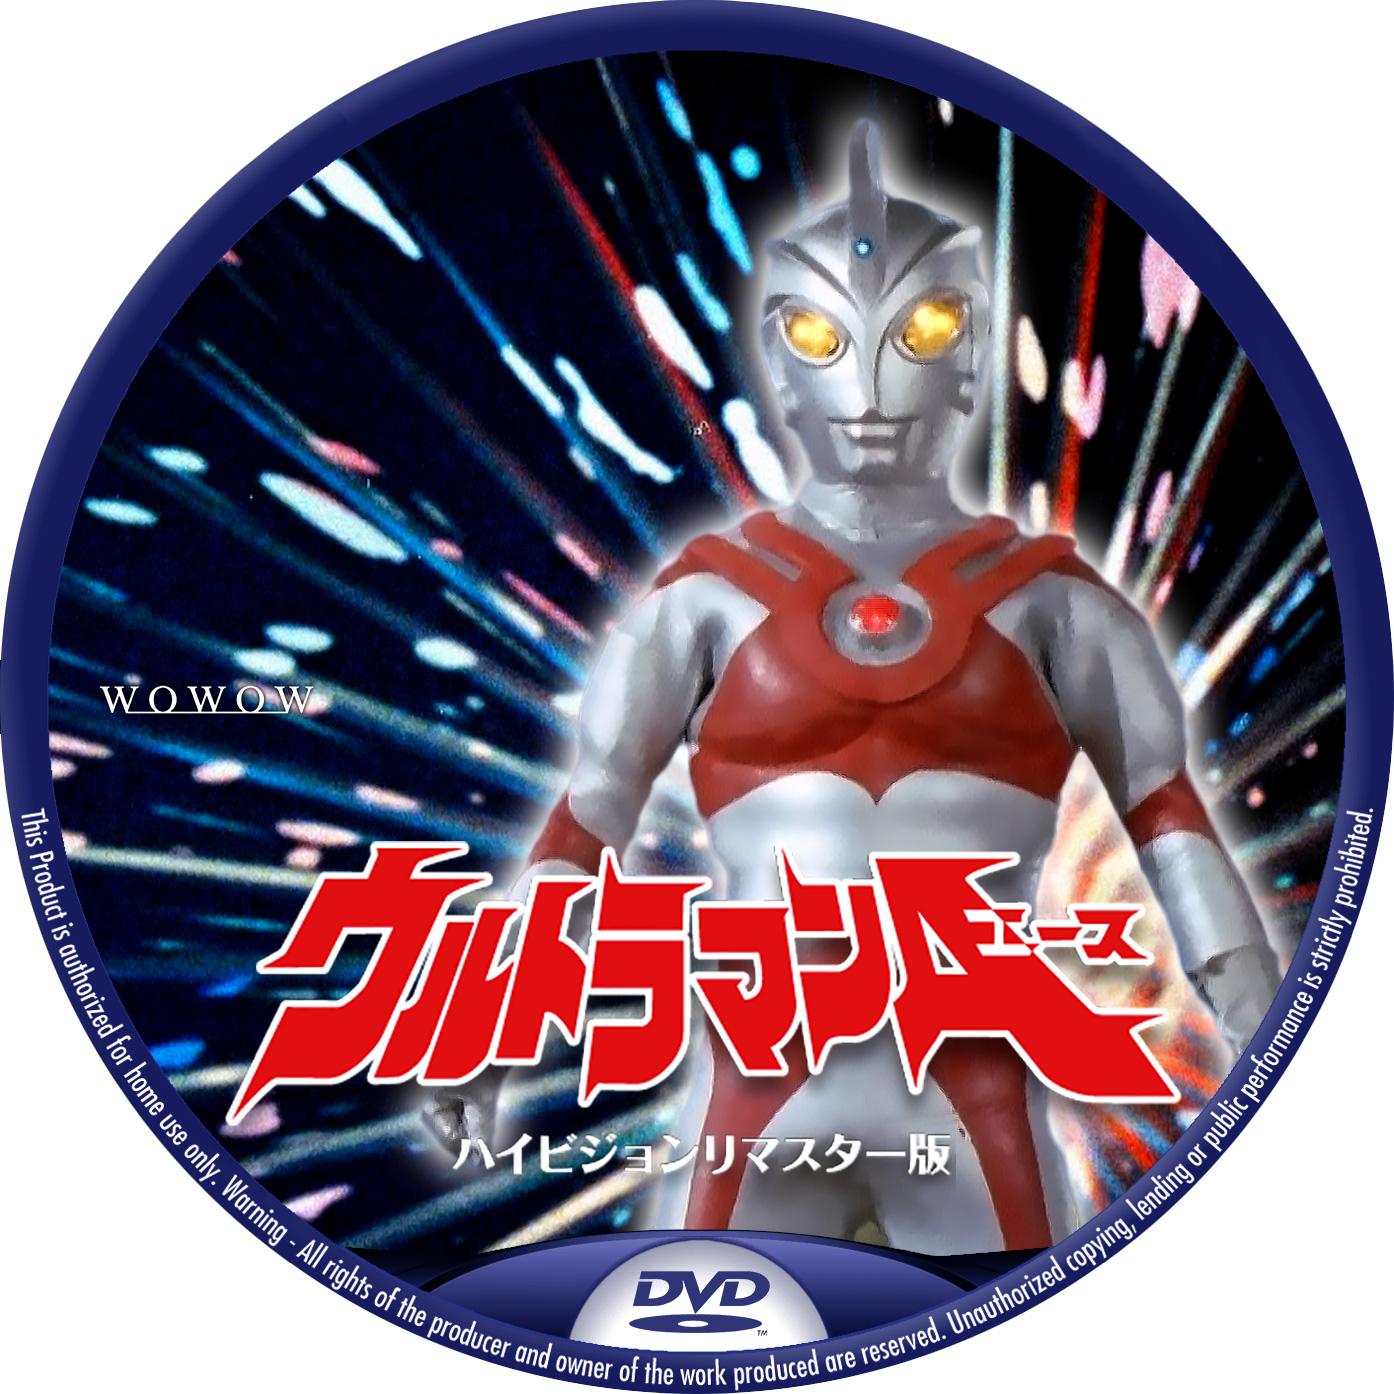 ウルトラマン エース ハイビジョンリマスター DVDラベル